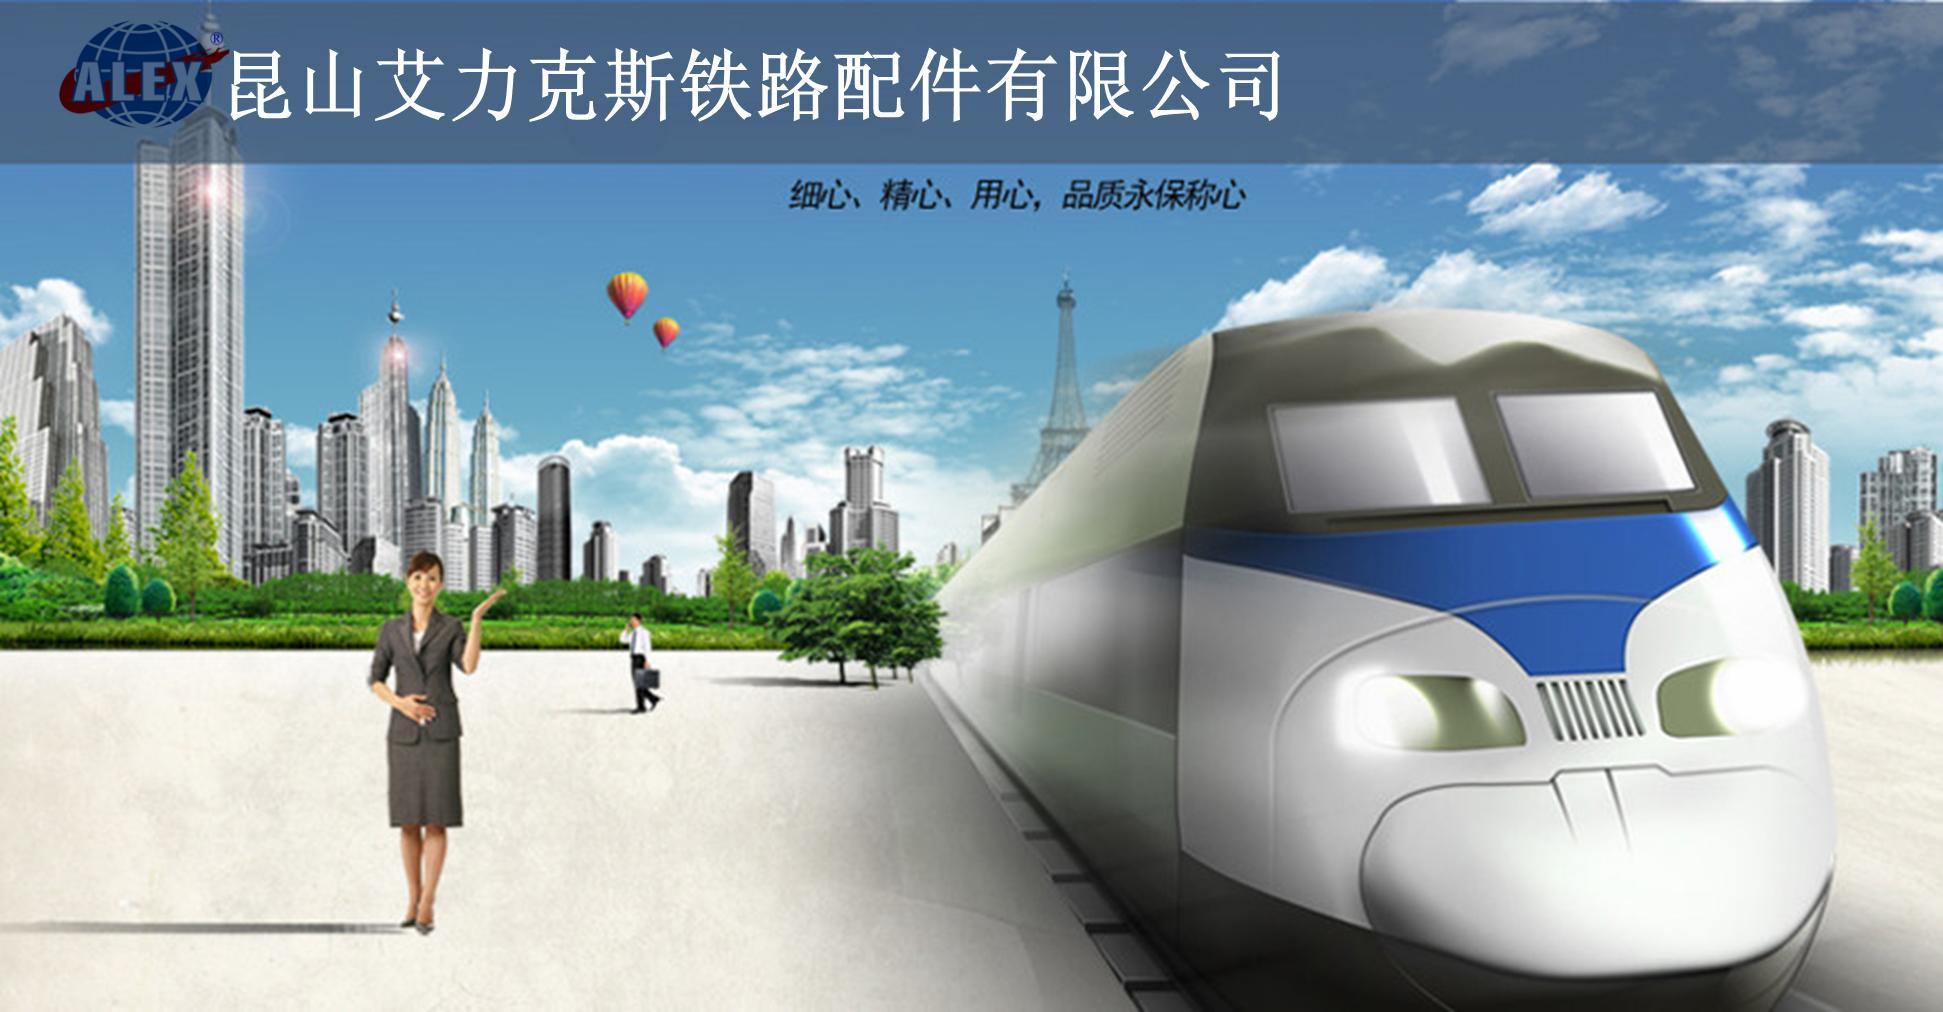 铁路企业文化展板